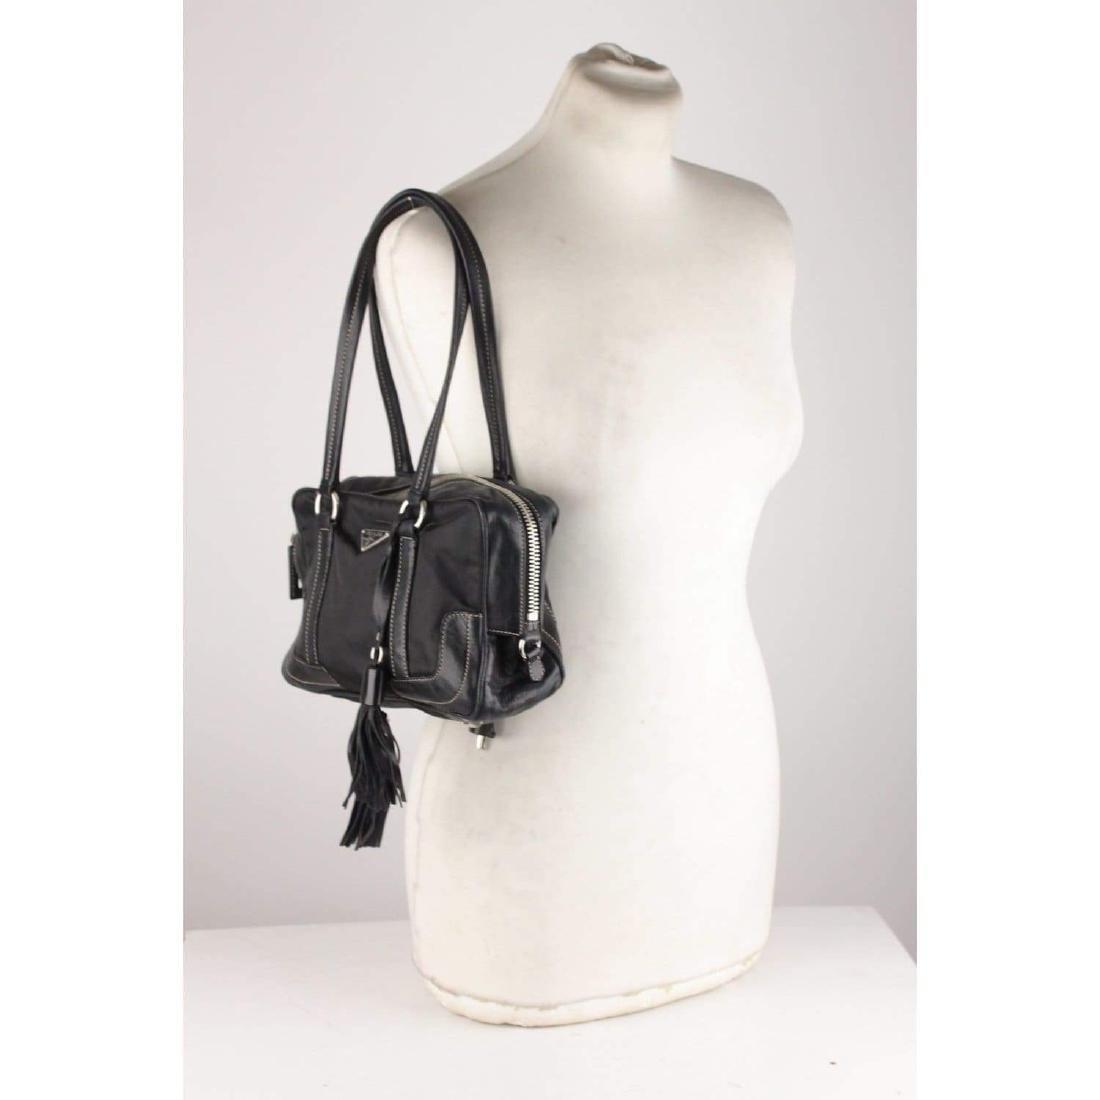 Prada Shoulder Bag with Tassels - 2